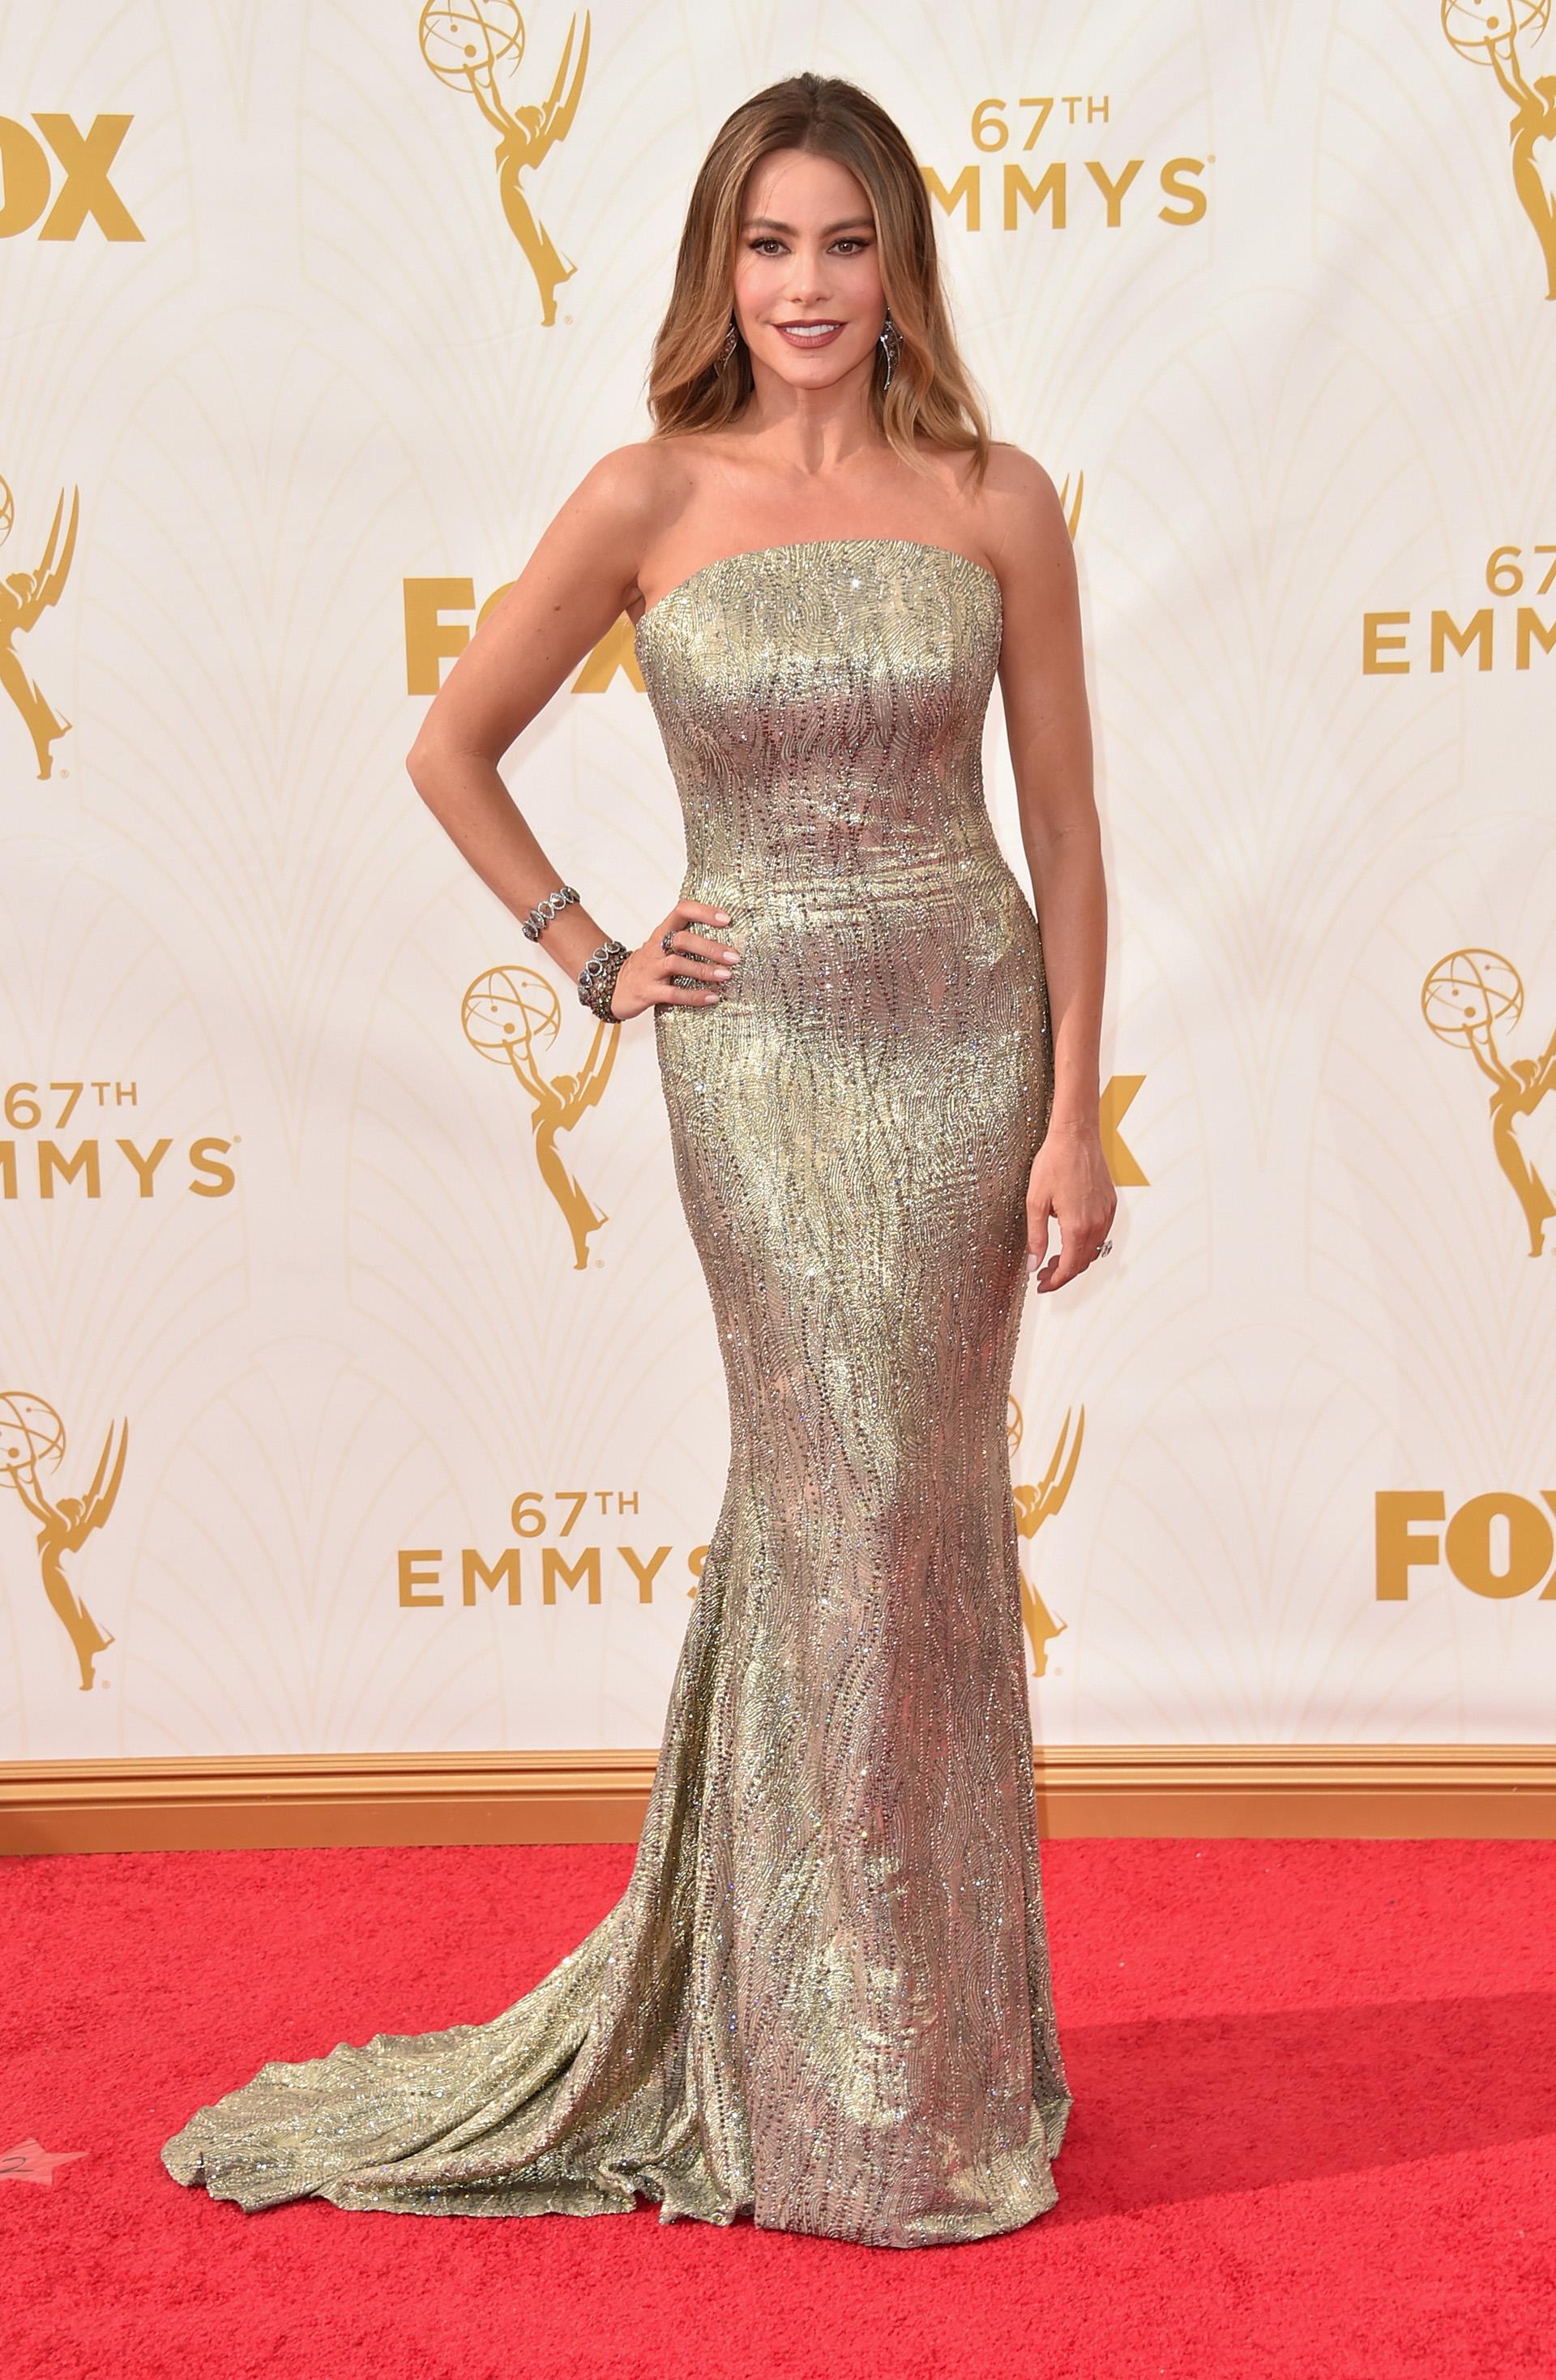 La hermosa actriz Sofia Vergara no necesitó nominación para ser la estrella de los Emmy 2015. Hipnotizó con una pieza de 64 mil cristales Swarovski (Alberto E. Rodriguez/Getty Images for TNT LA)